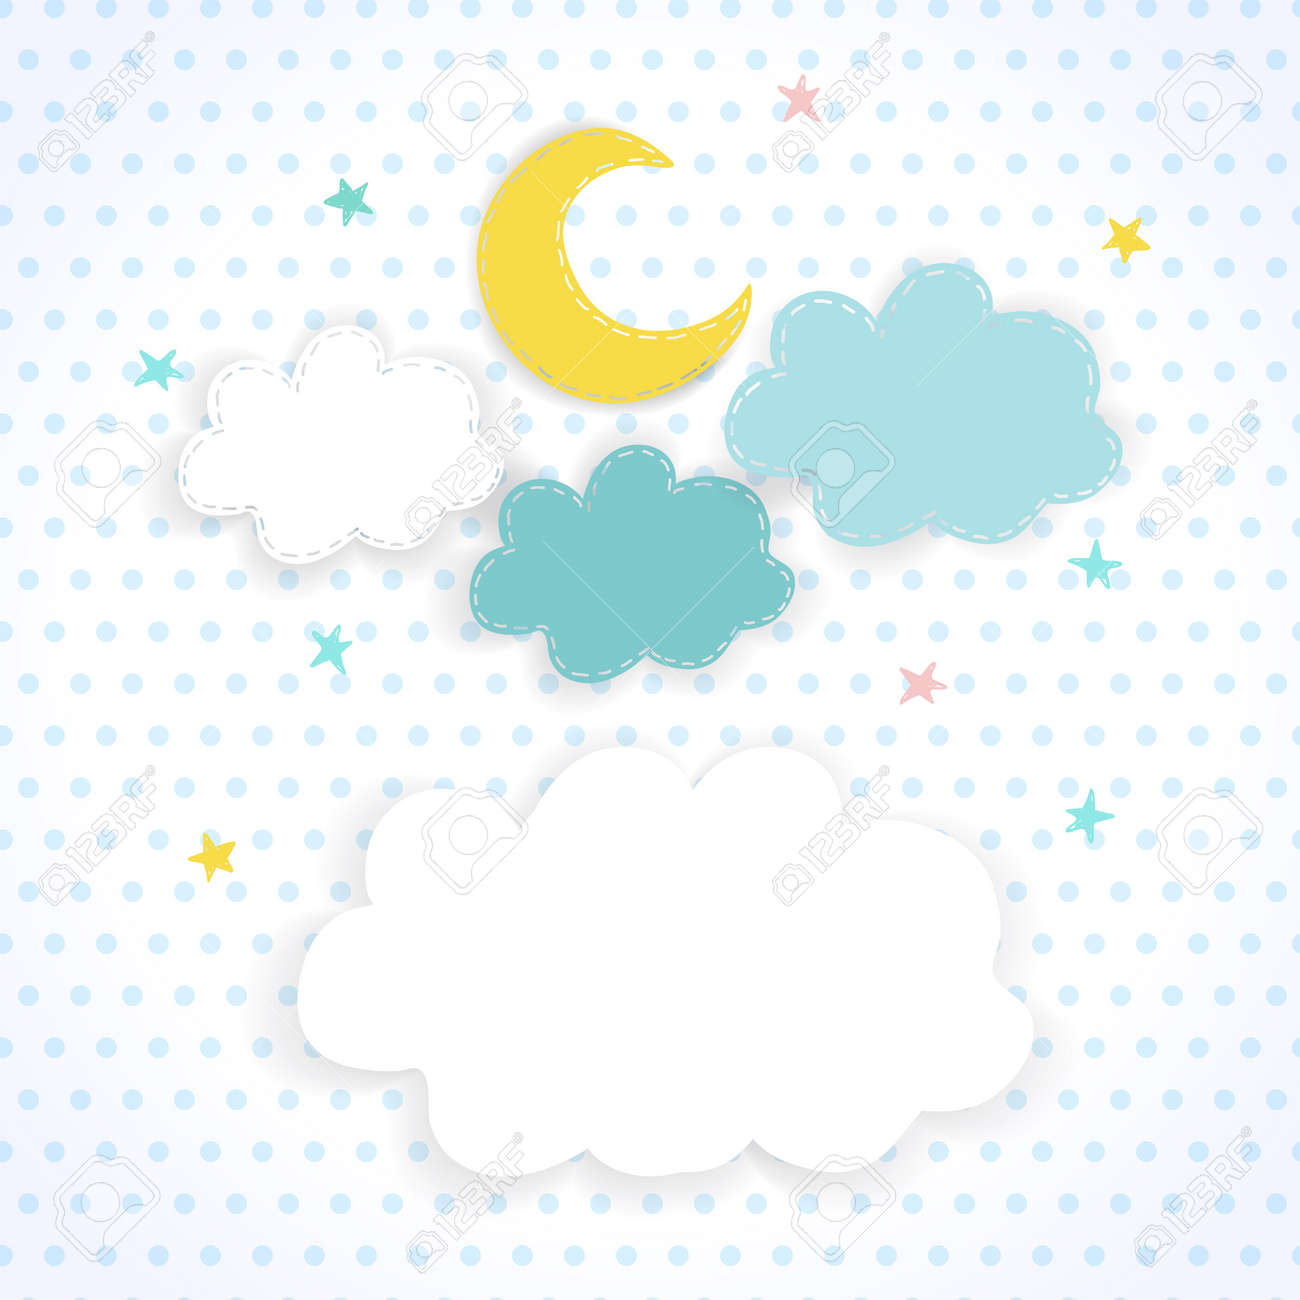 Mond Wolken Und Sterne Auf Dem Hintergrund Stoff Mit Punkten